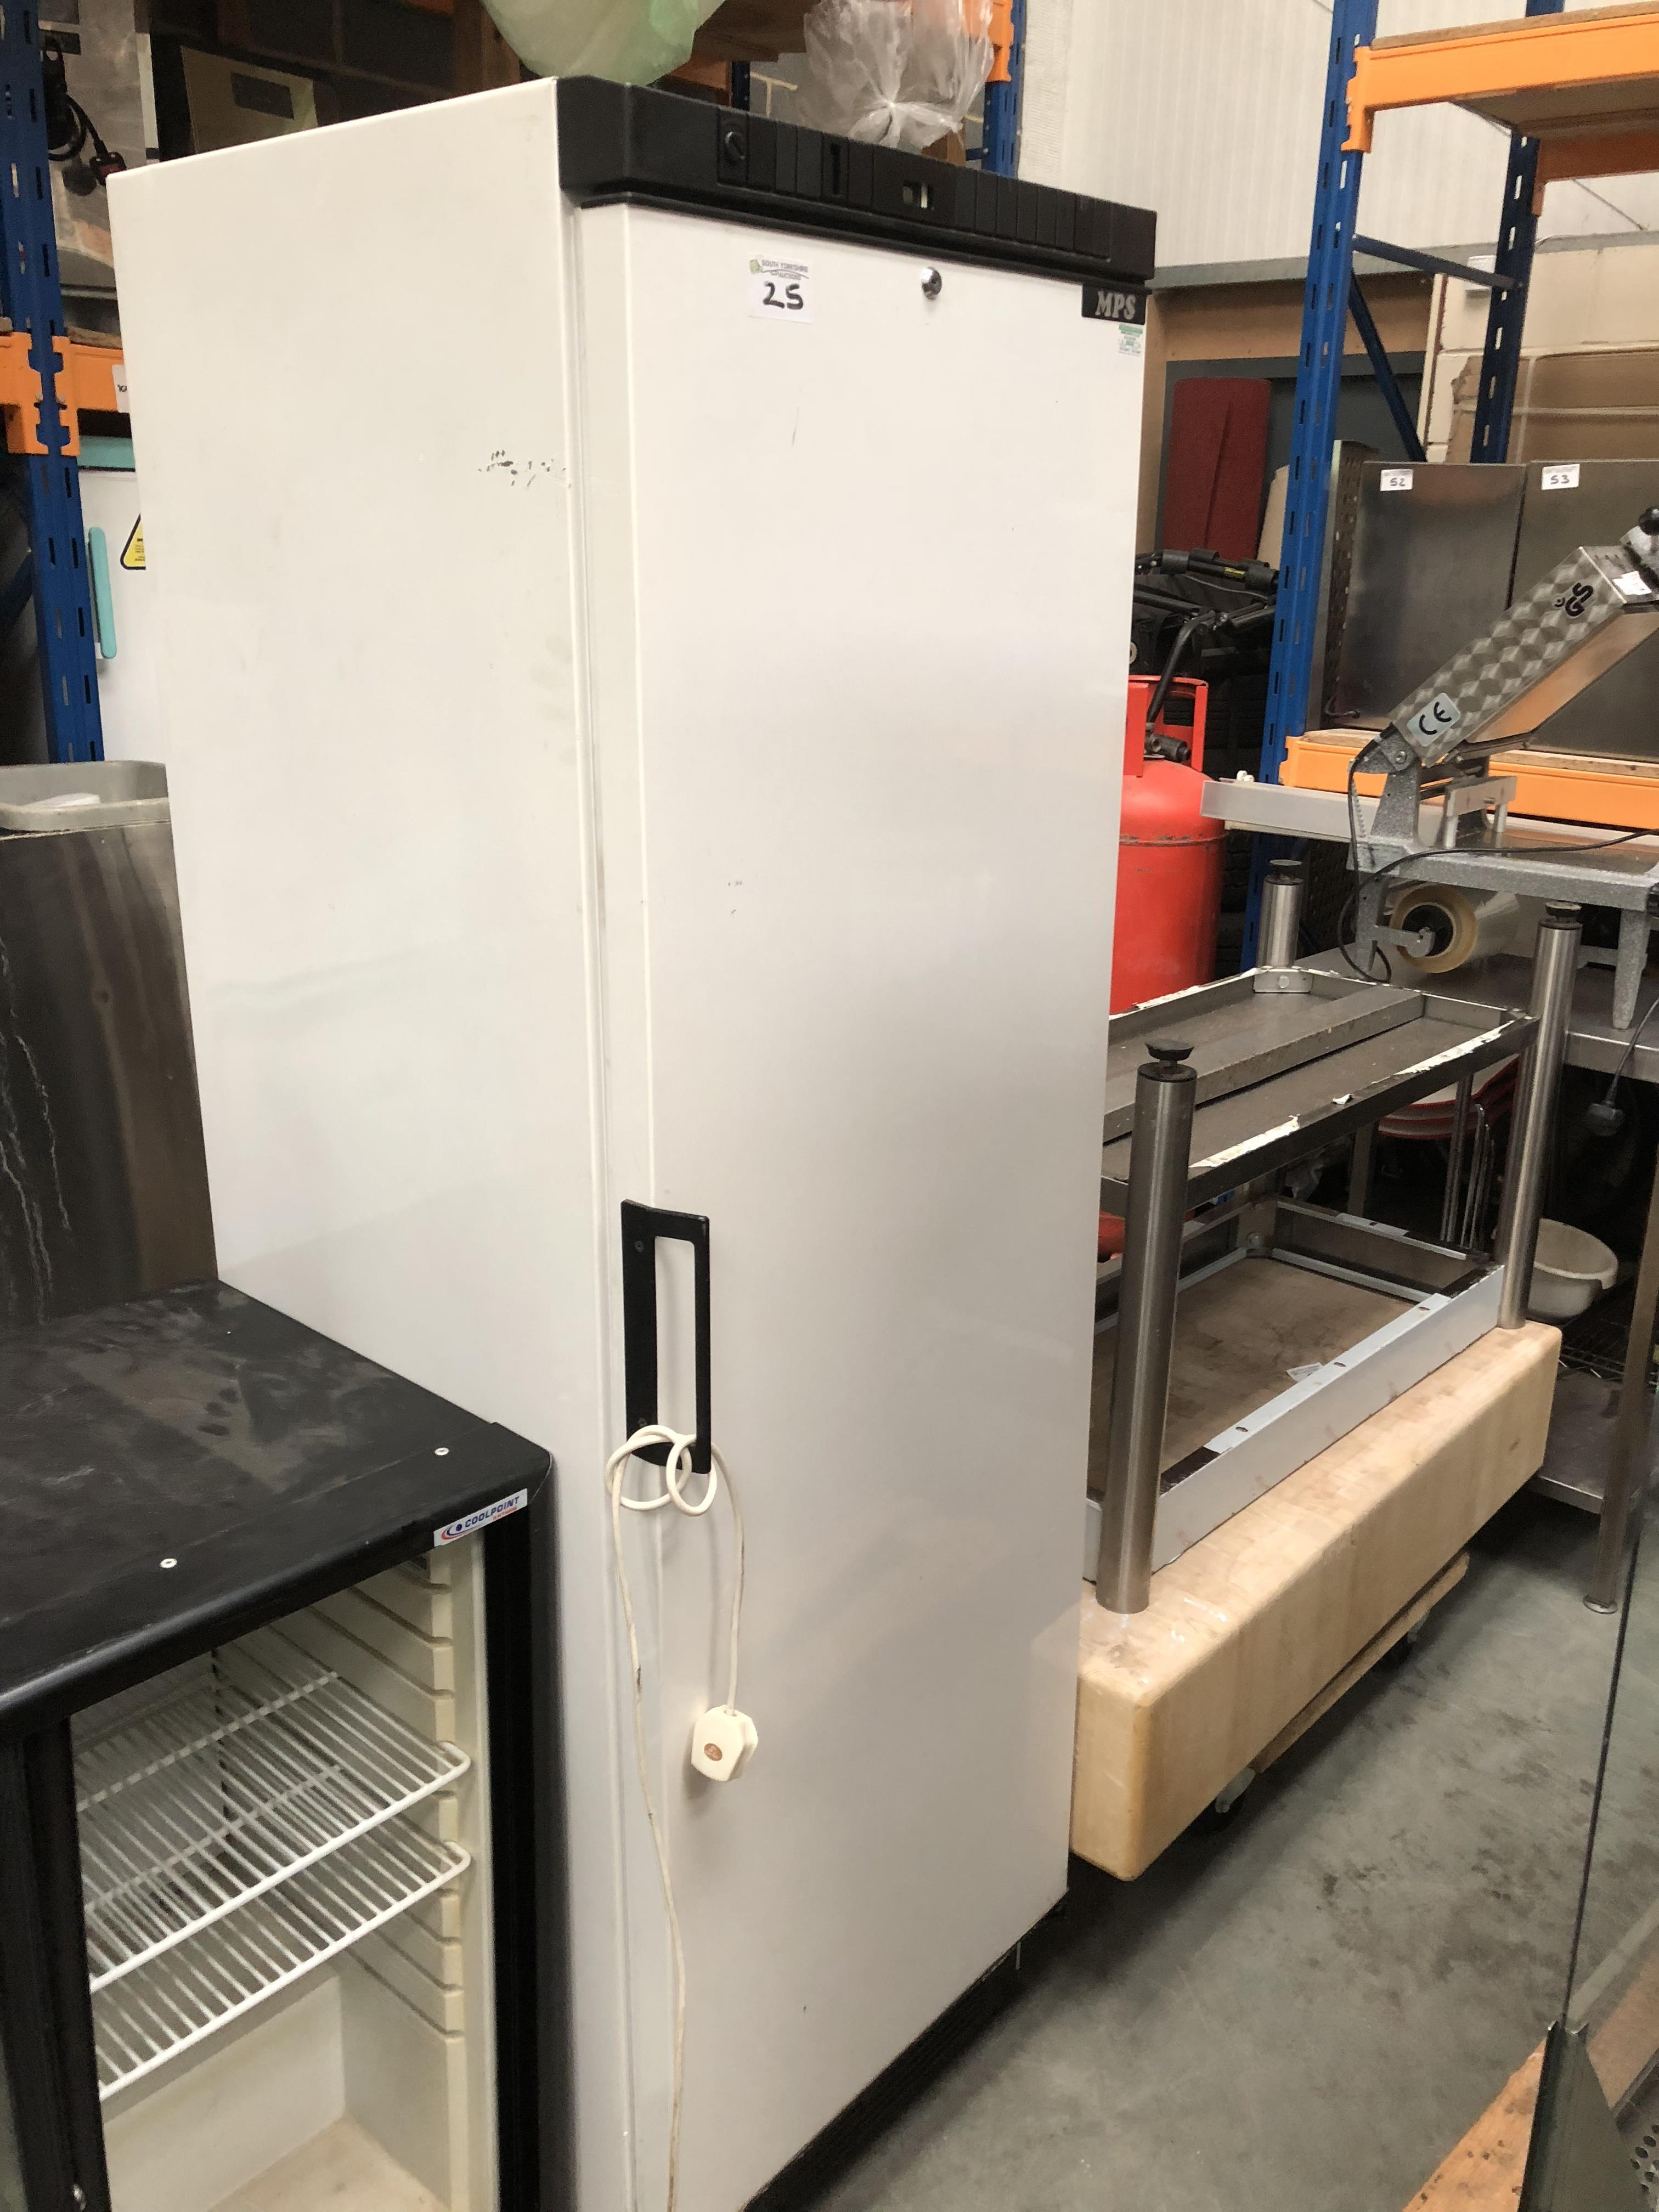 Lot 25 - MPS White Upright Freezer